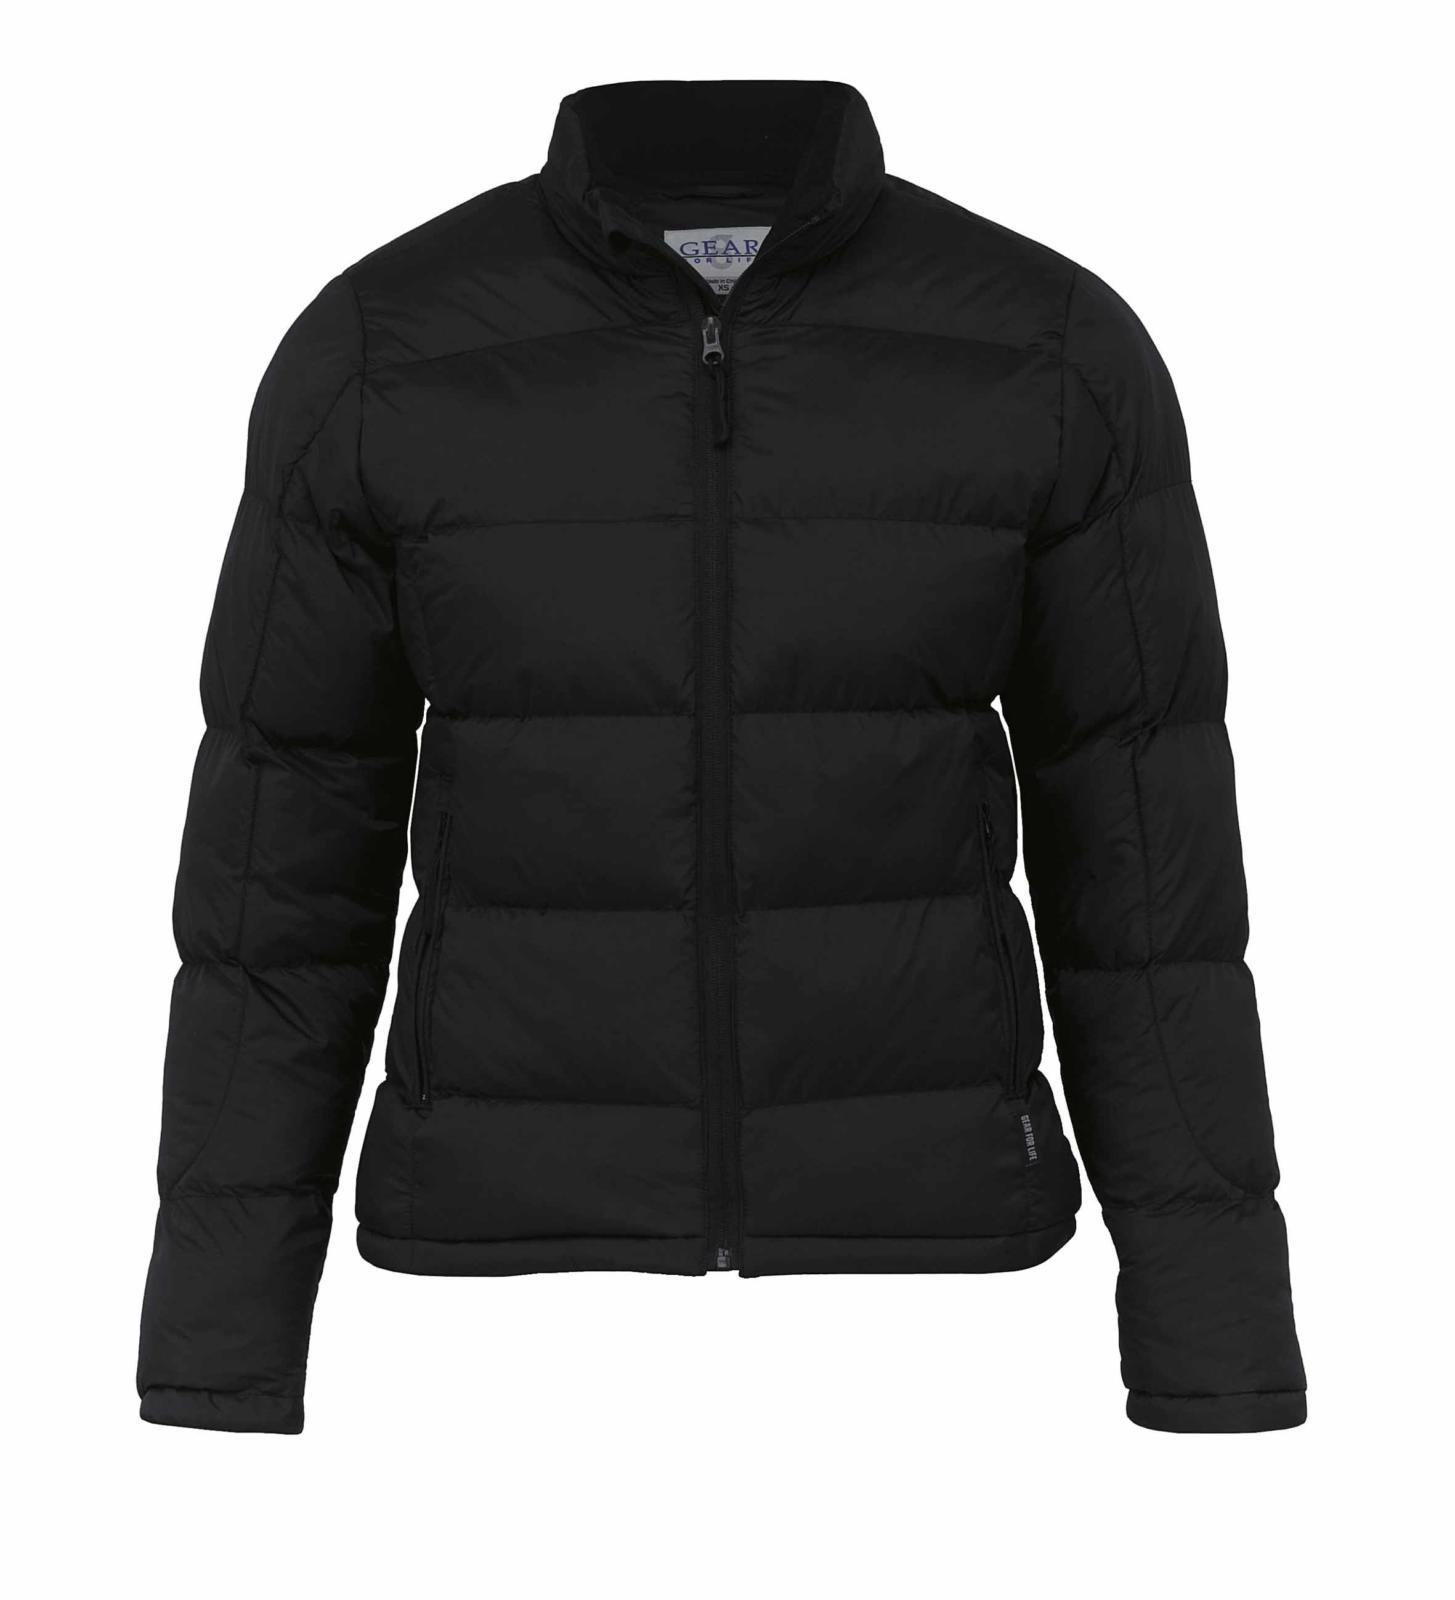 Glacier Puffa Jacket